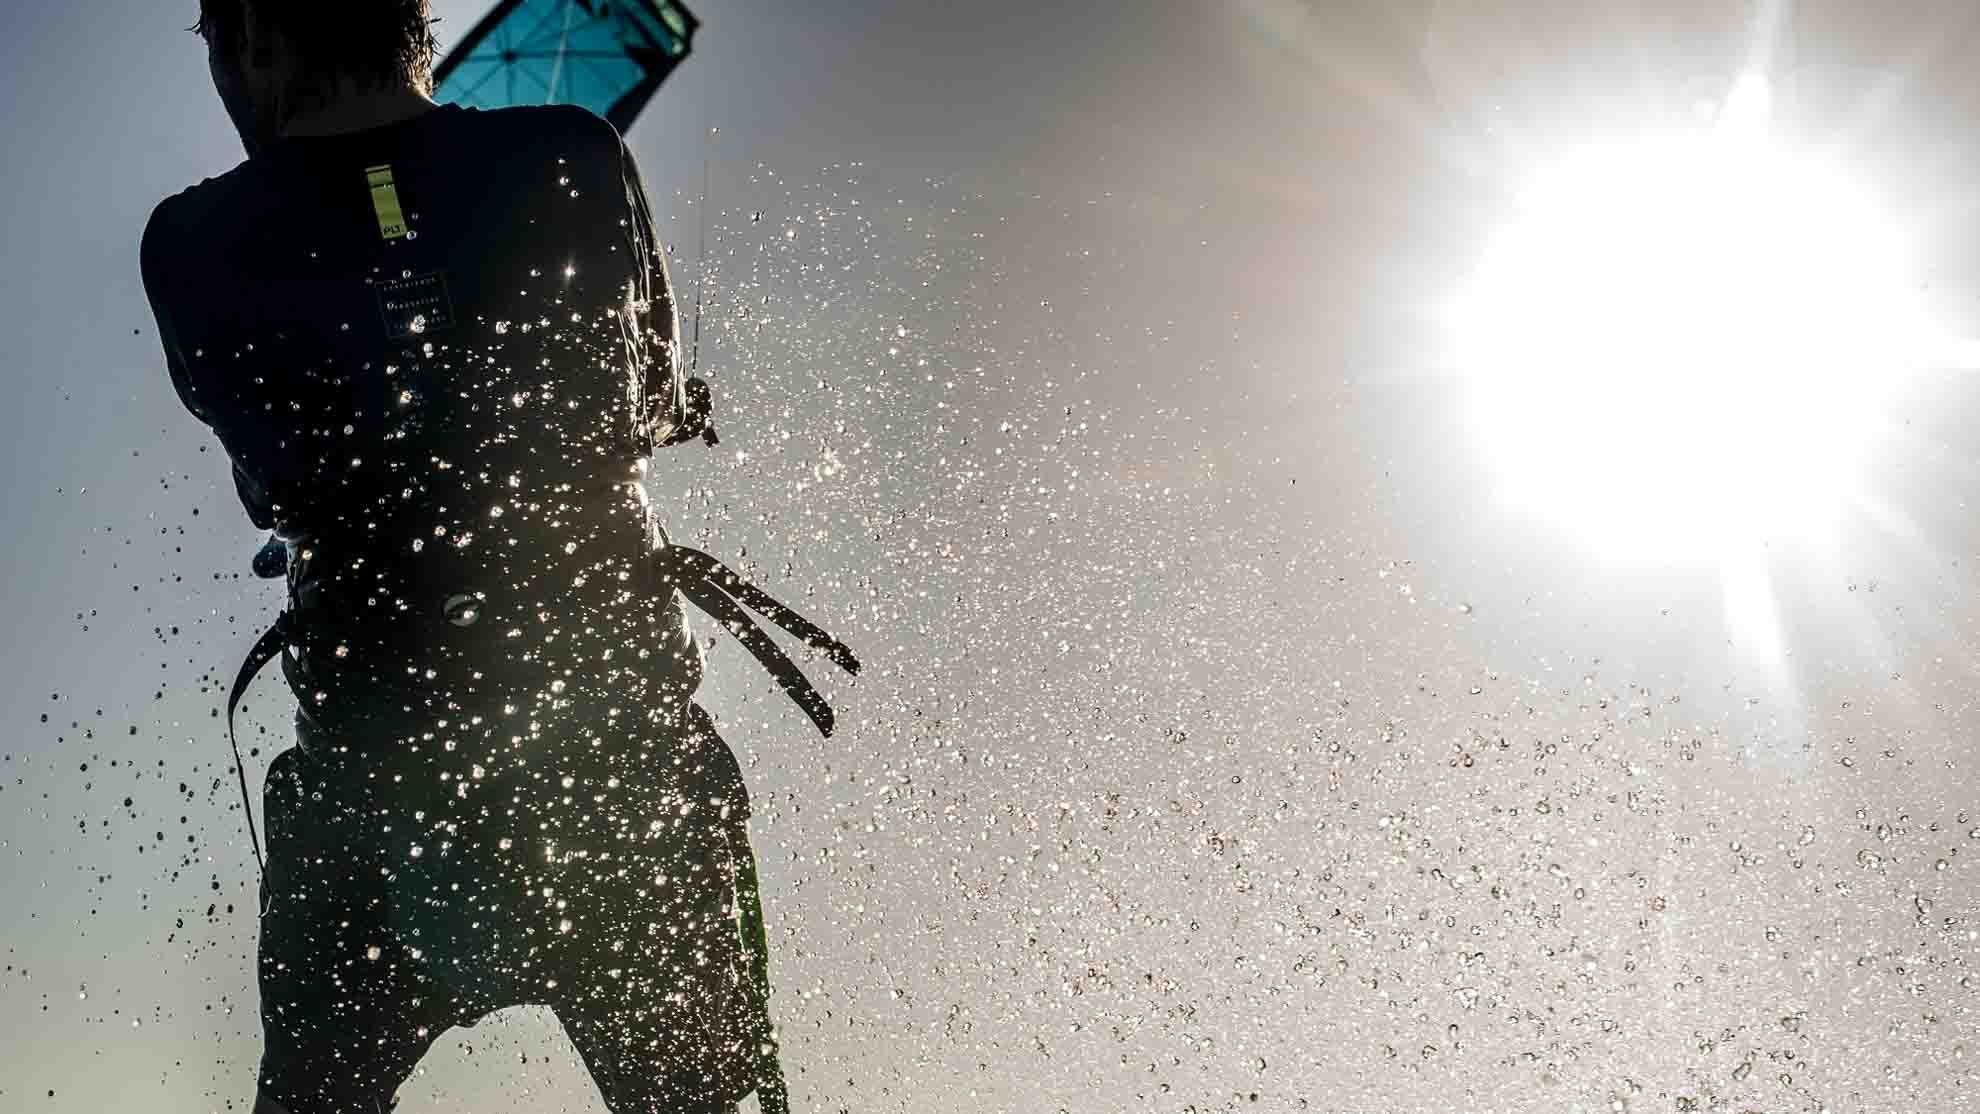 Beim Kitesurfen mit Sonnenschein